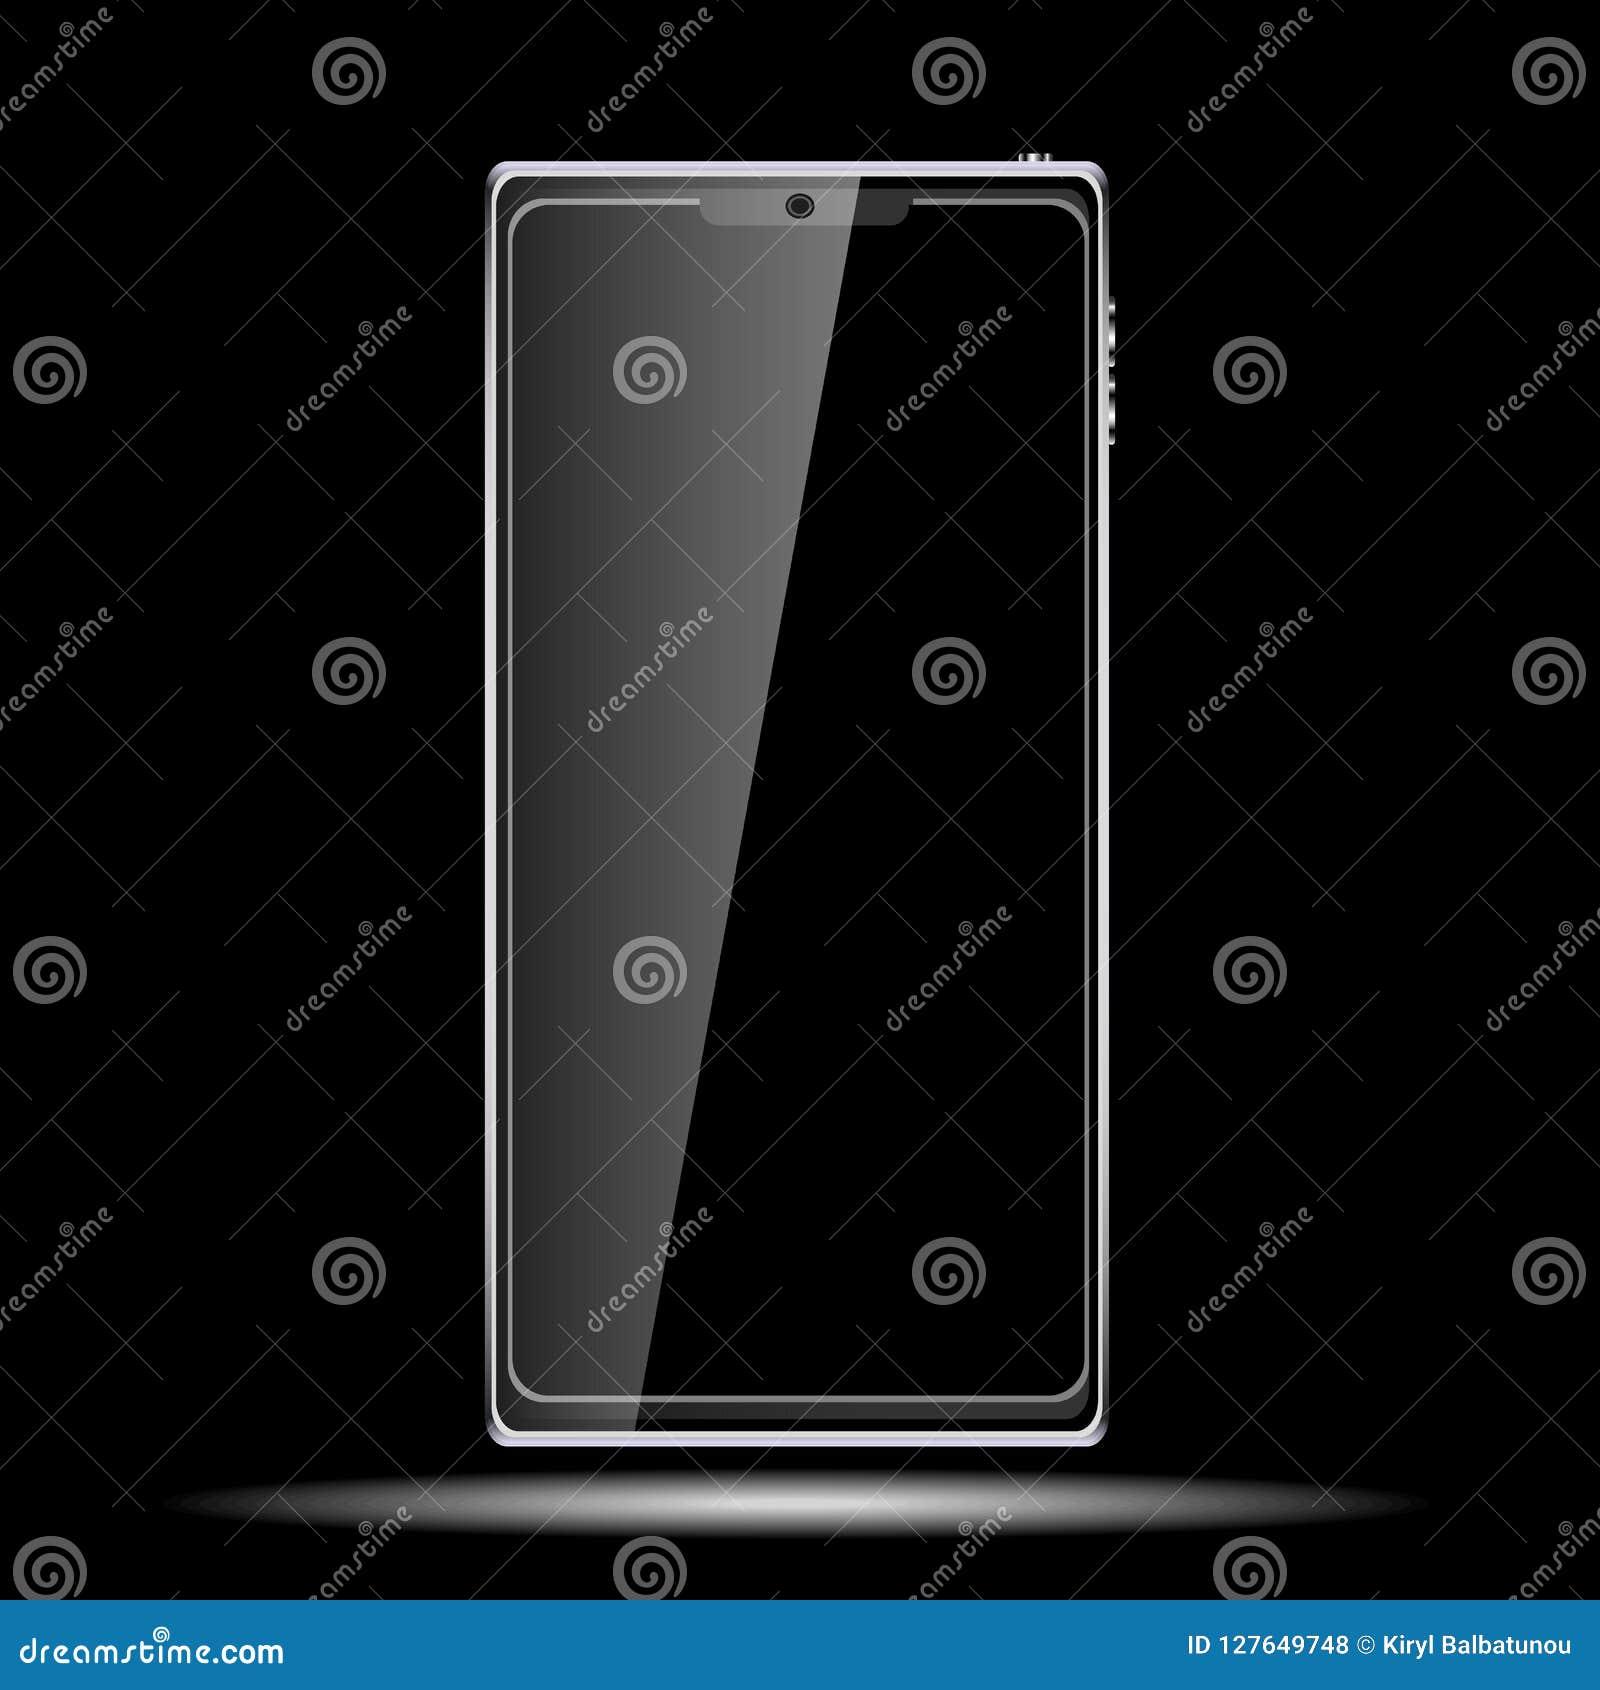 Μαύρο έξυπνο ακριβό κινητό τηλεφωνικό smartphone πολυτέλειας με μια στιλπνή οθόνη γυαλιού αφής, σύγχρονο ρεαλιστικό κινητό διάνυσ